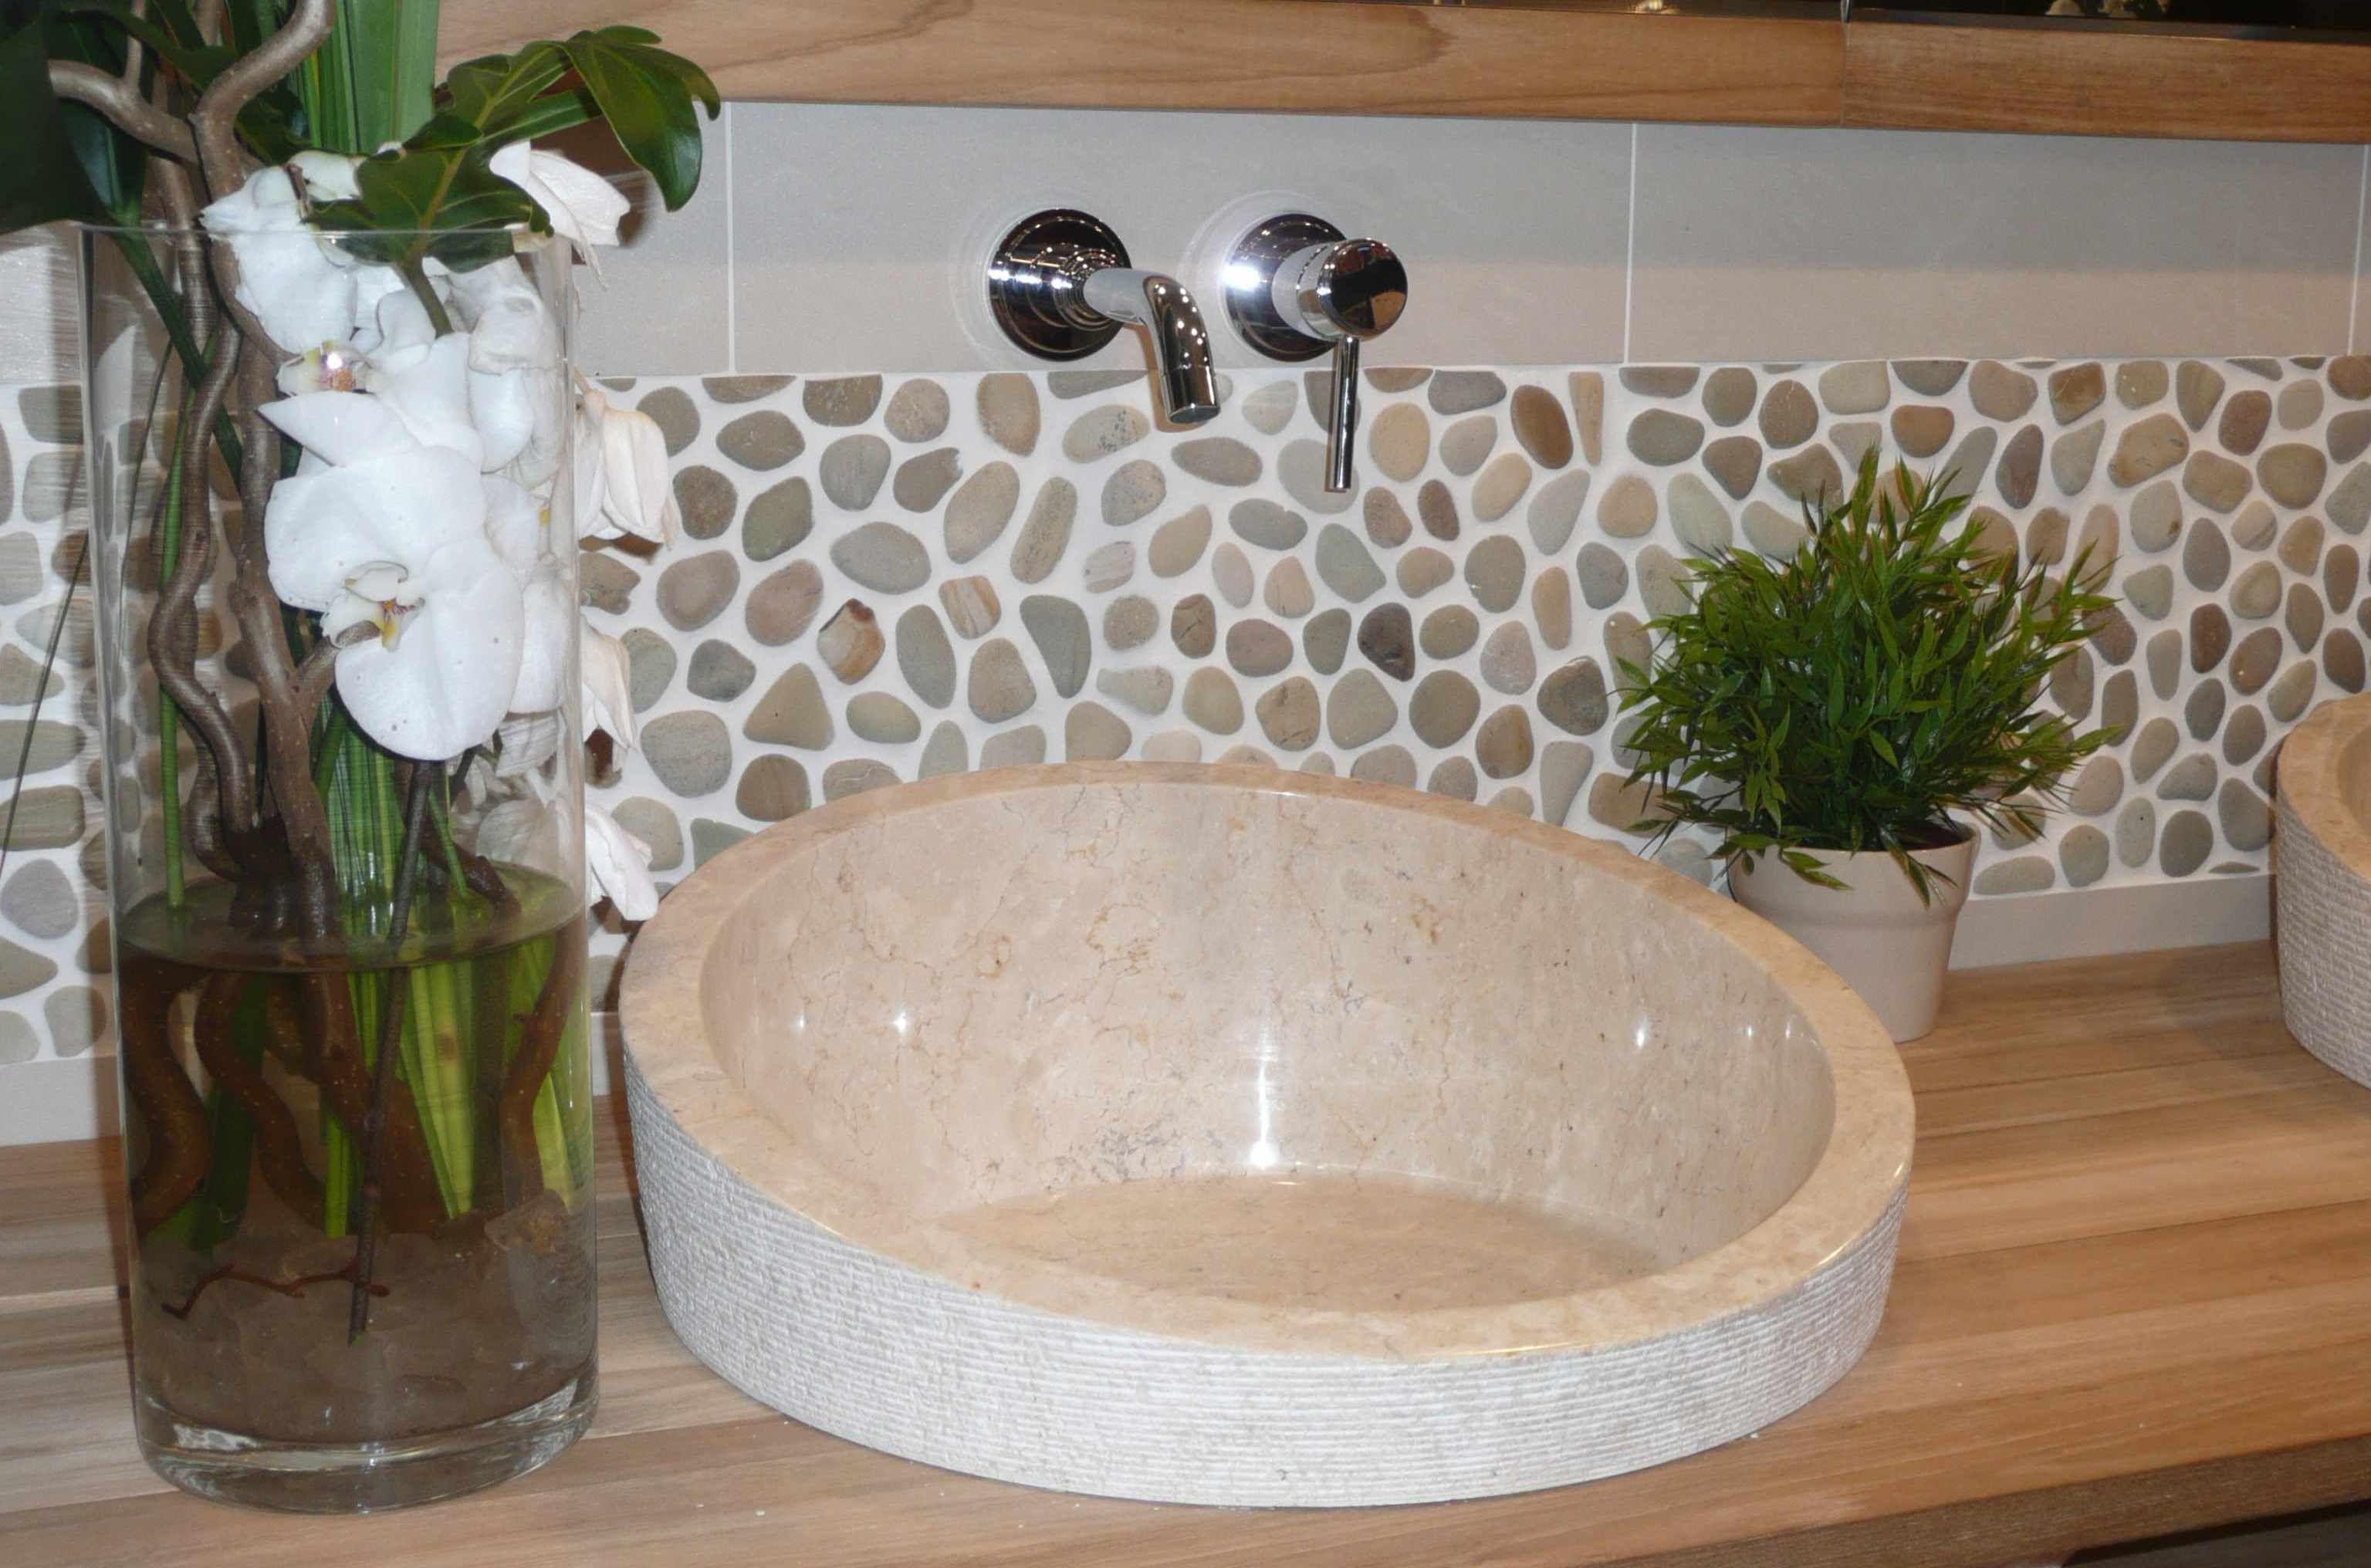 Stunning Salle De Bain Ardoise Et Galets Photos House Design Marcomilone Com Salle De Bain Carrelage Toilette Salon De Jardin Aluminium